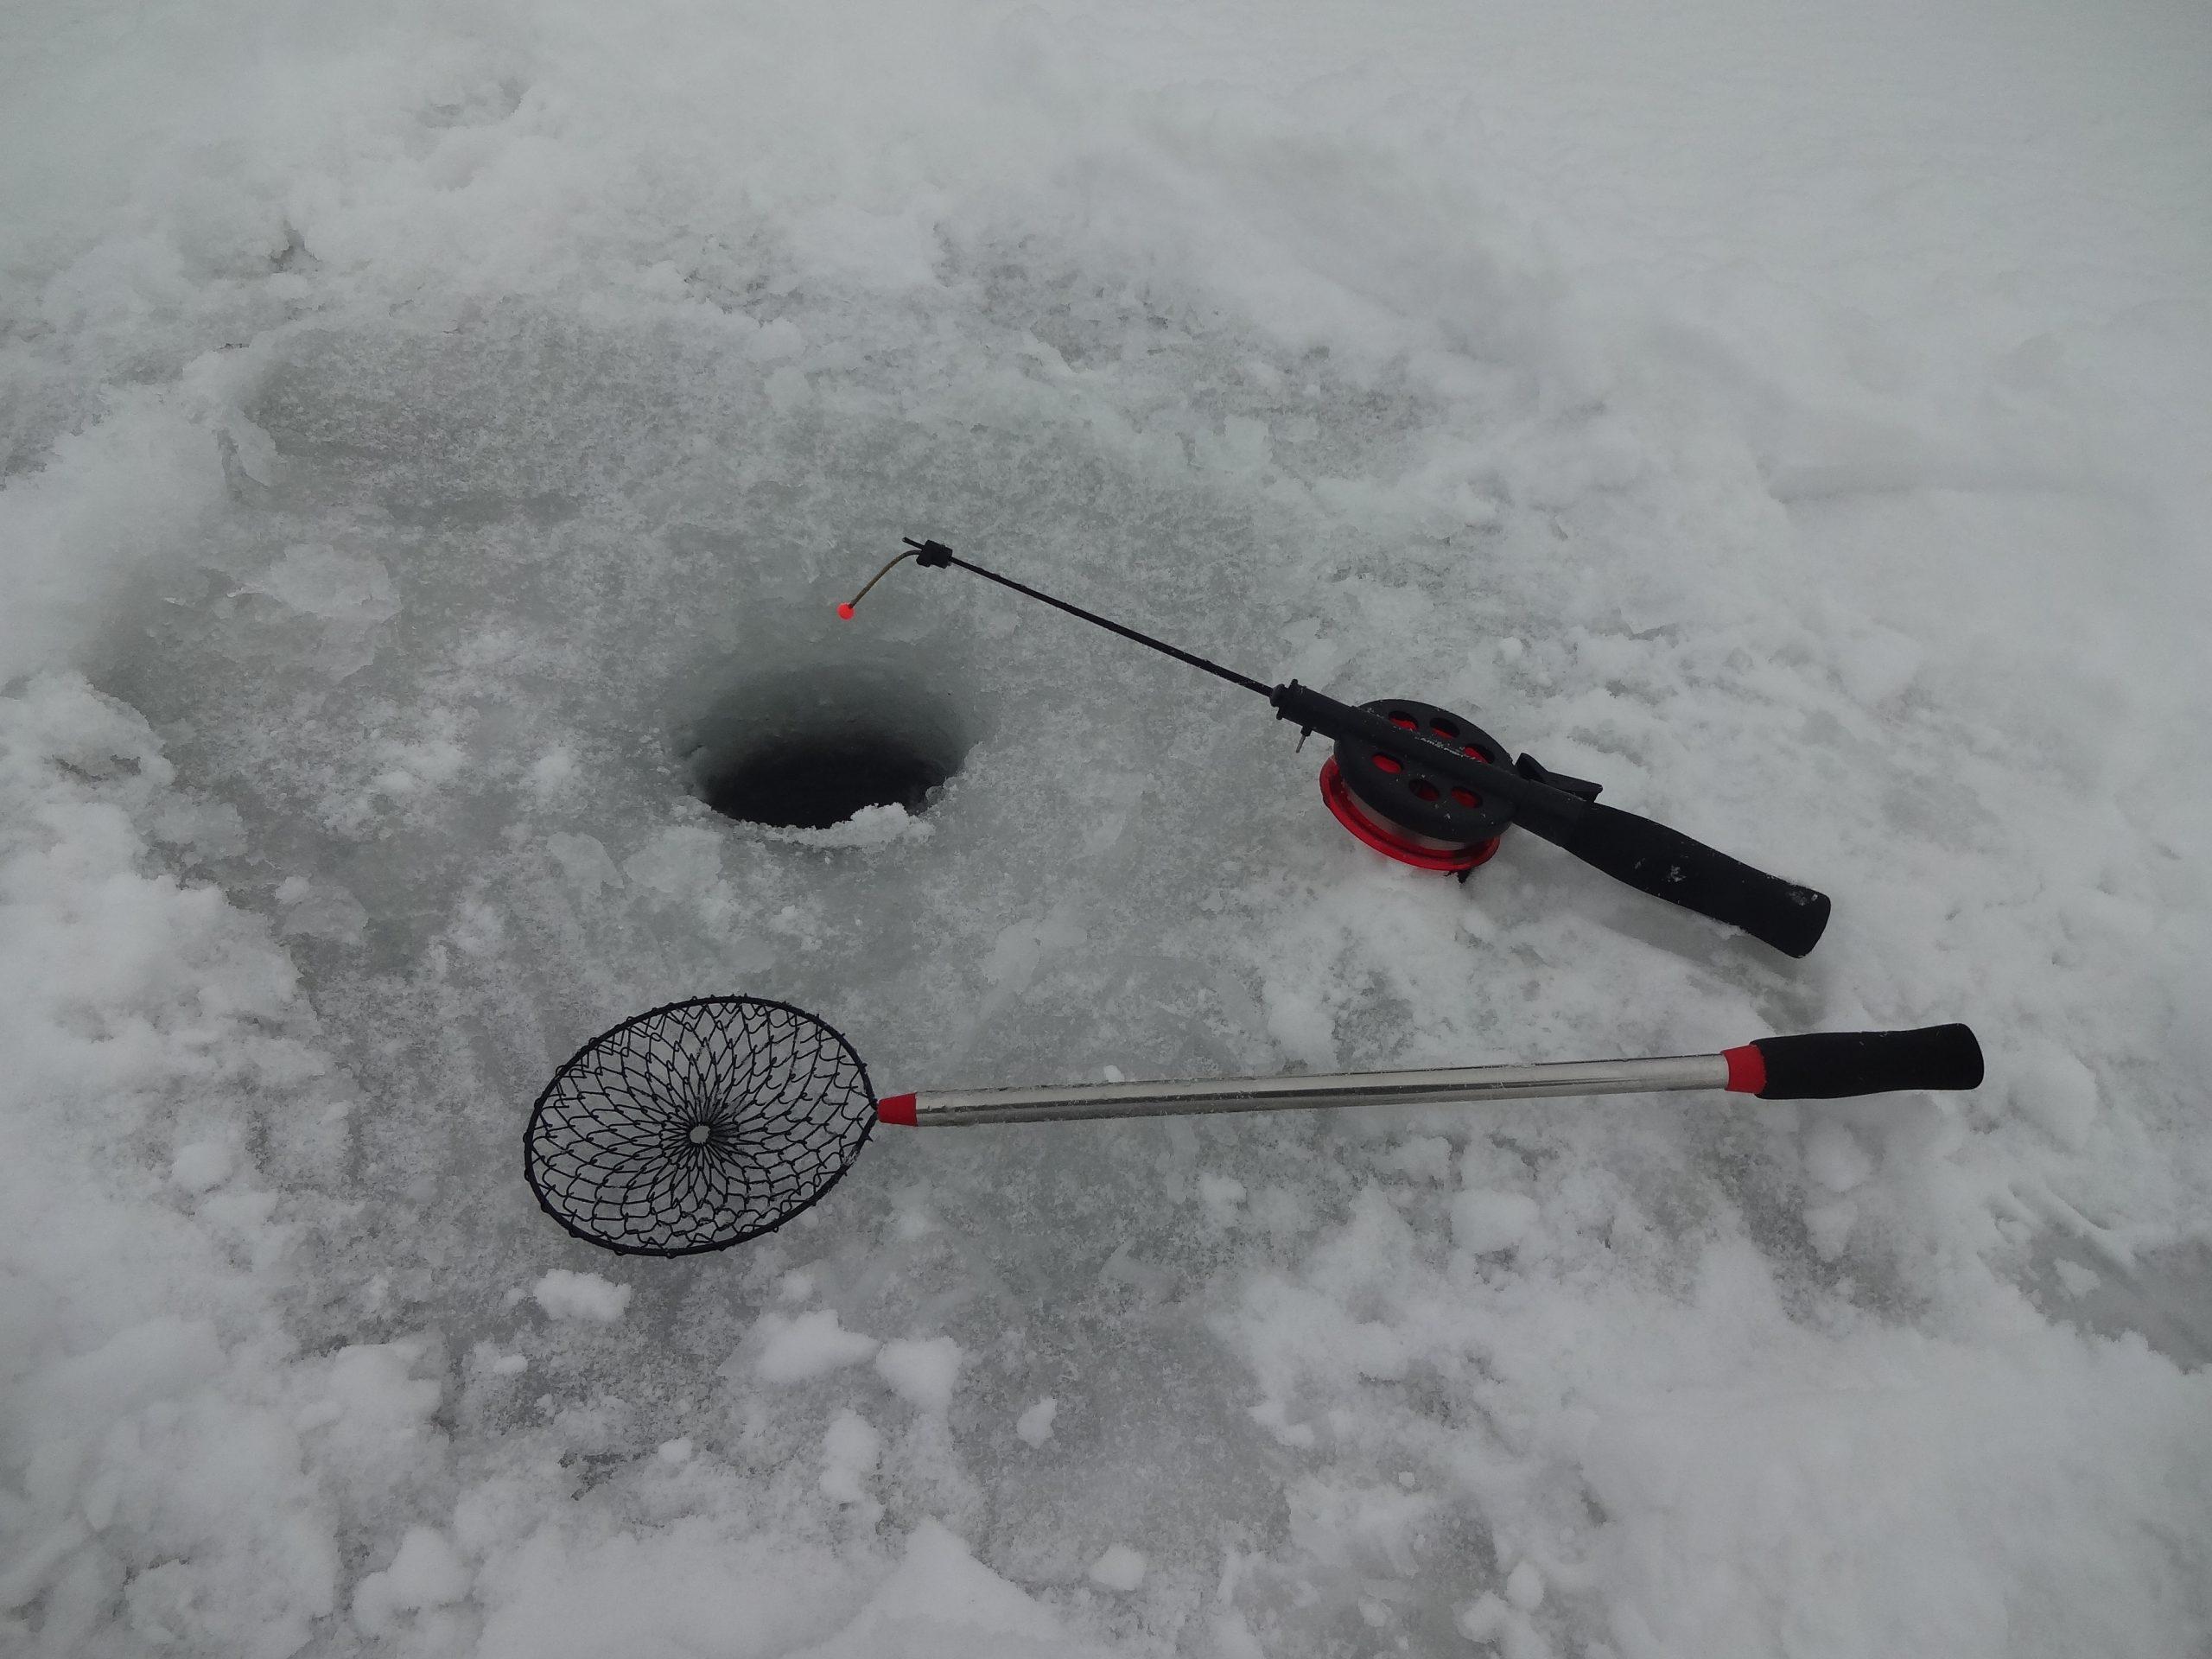 зимняя рыбалка удочка и шумовка на льду